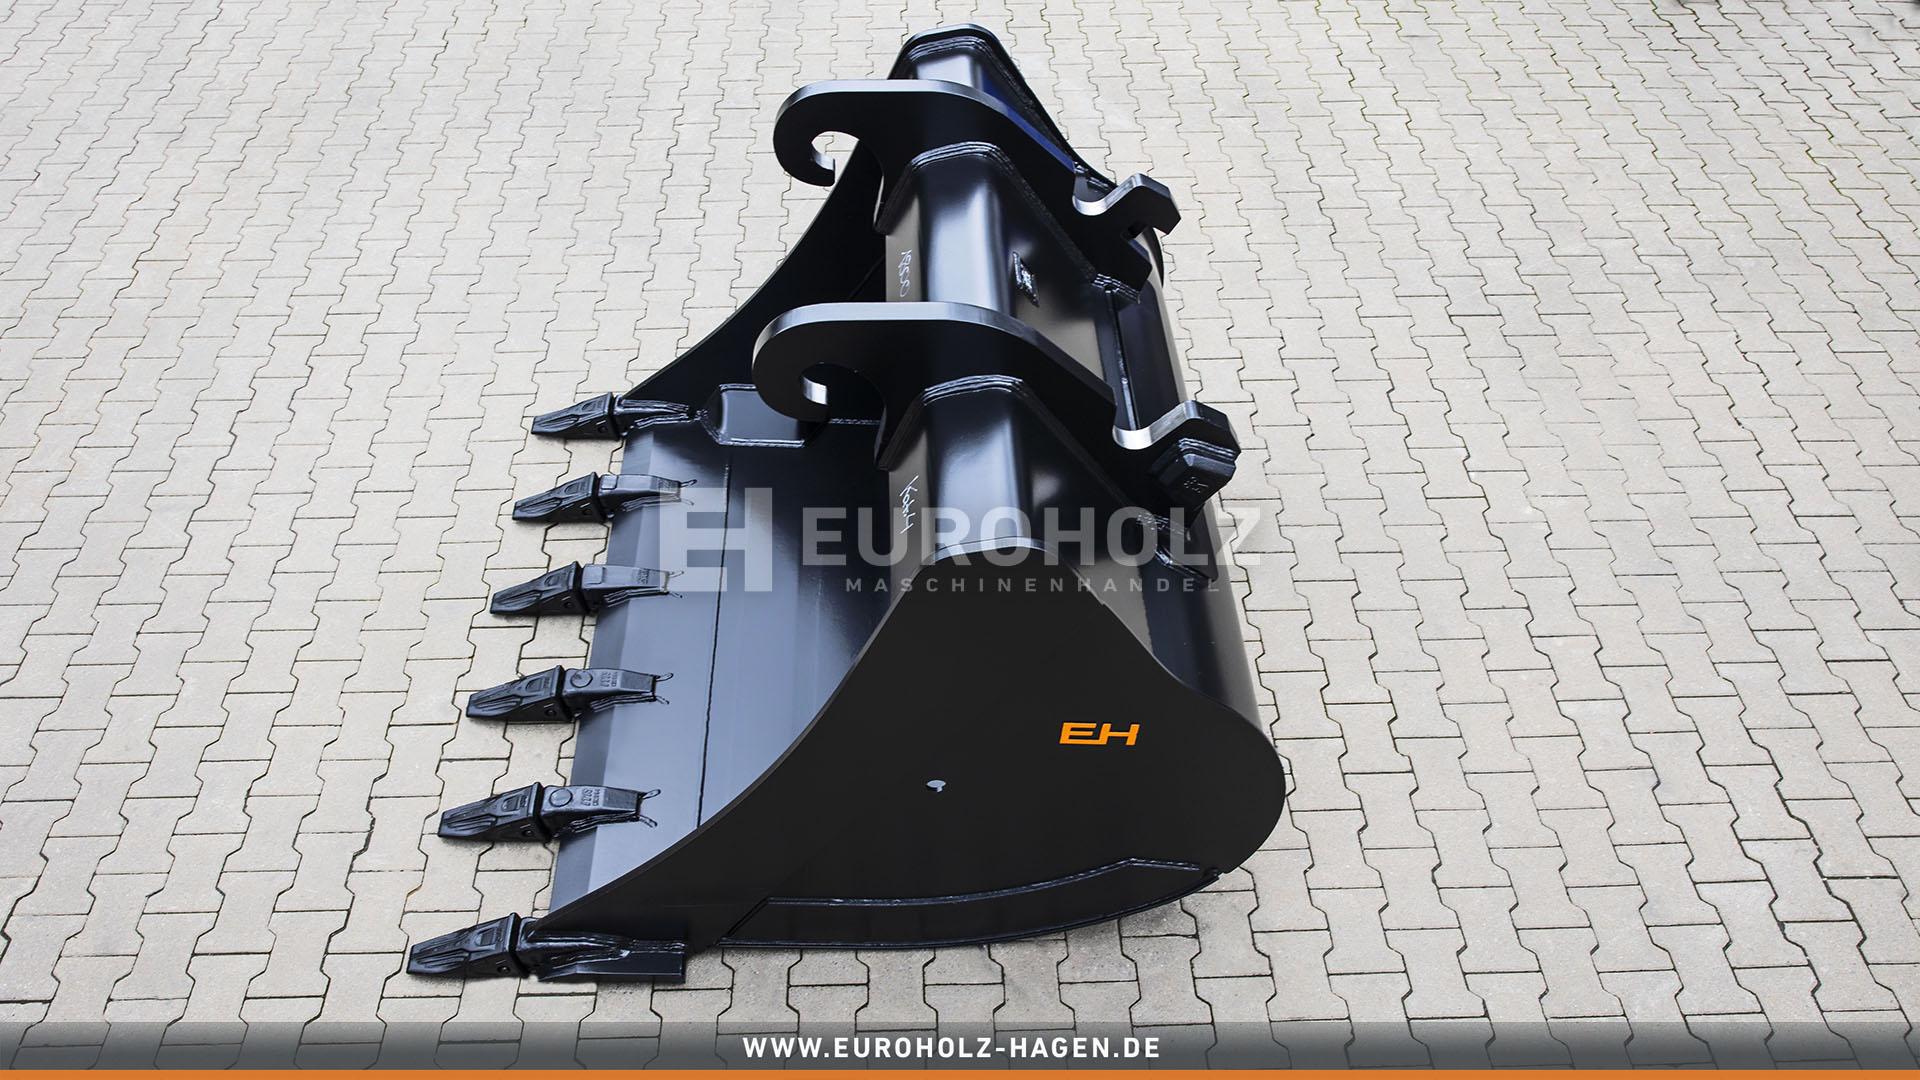 Digging bucket suitable for Verachtert CW45 / 1800 mm / cat. 4G